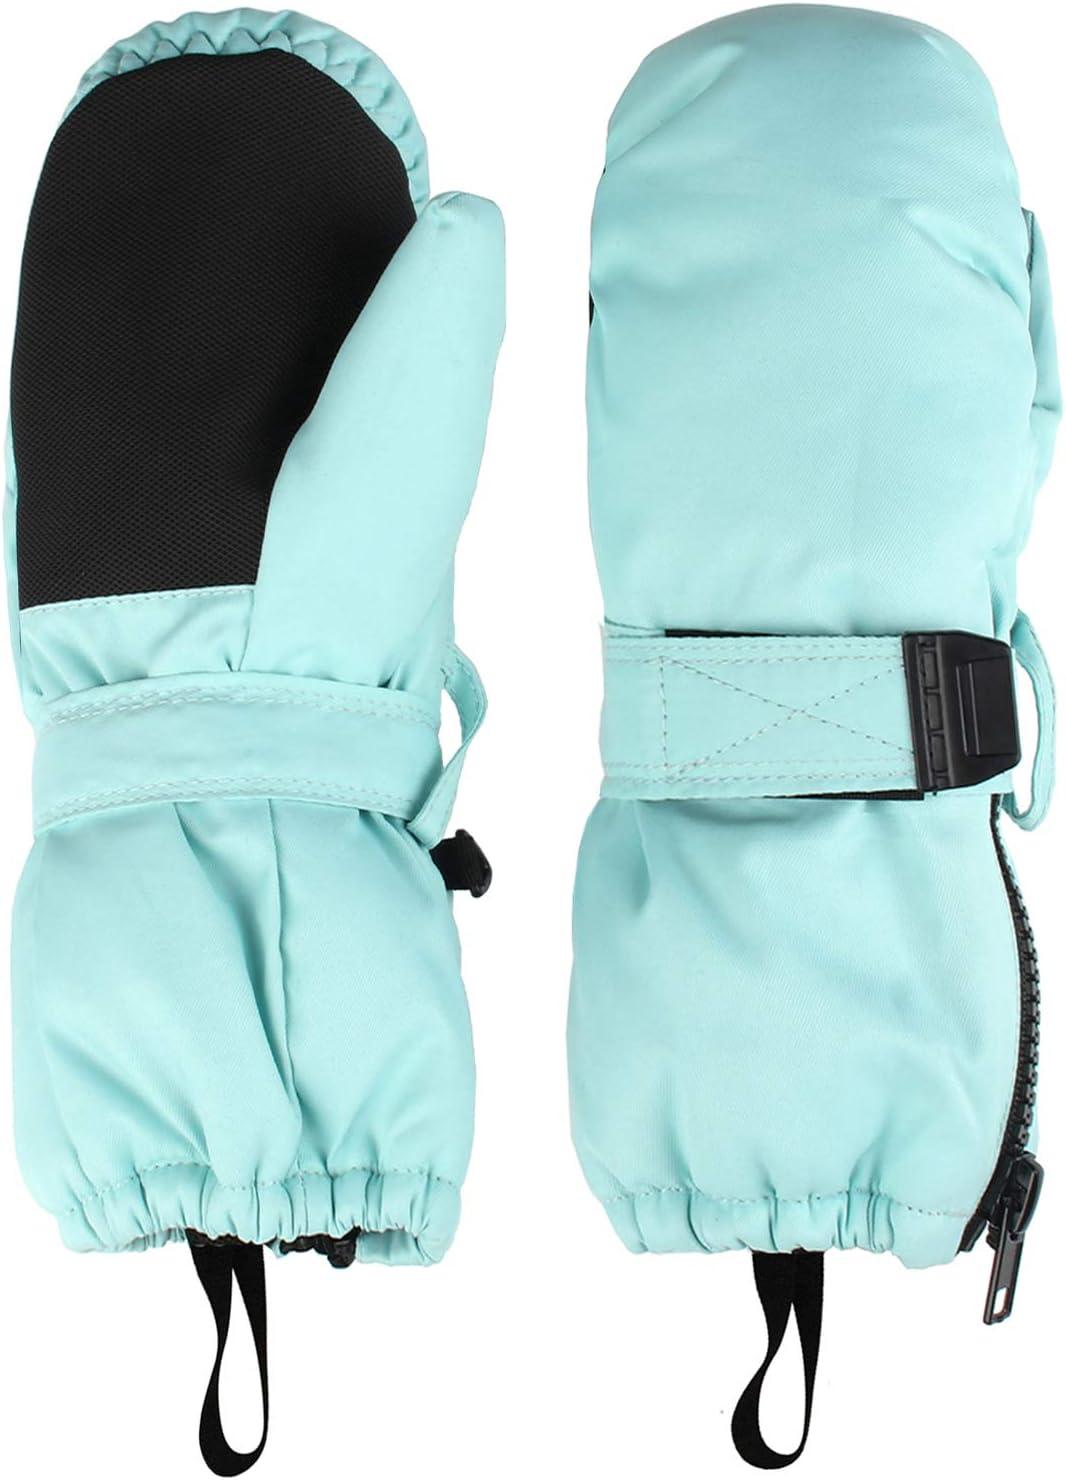 , Dinosaur M HIGHCAMP Kids Superstar Winter Mittens Waterproof Toddlers Easy On Zip Gloves 5-7Y